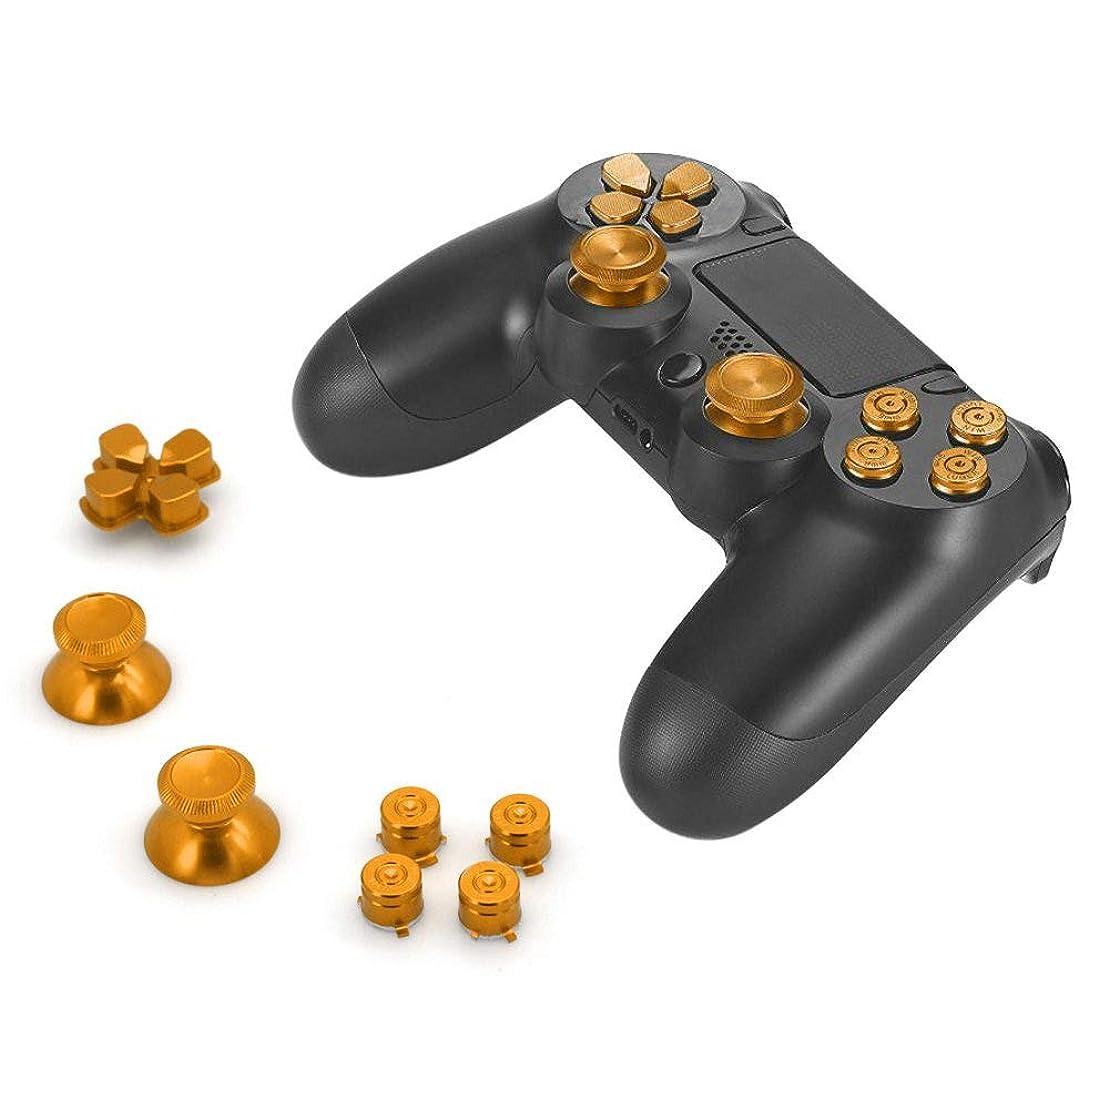 収縮記念巨人Moligh doll アルミ合金ボタン帽子サムスティックスペアパーツアクセサリー、 4 Dualshock コントローラ用(ゴールド)